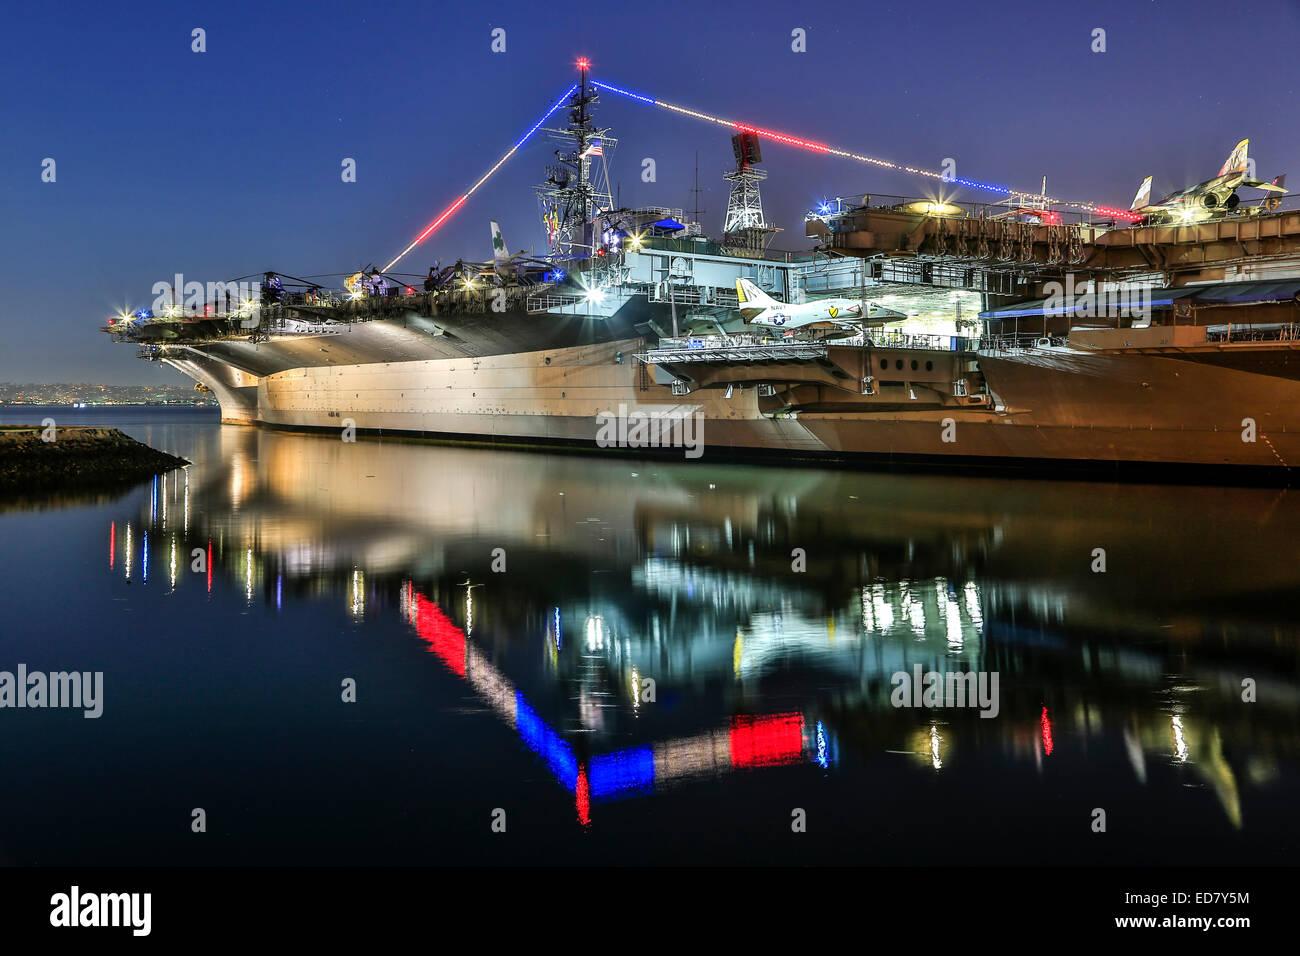 Portaaviones USS Midway (ahora un museo), de San Diego, California, EE.UU. Foto de stock